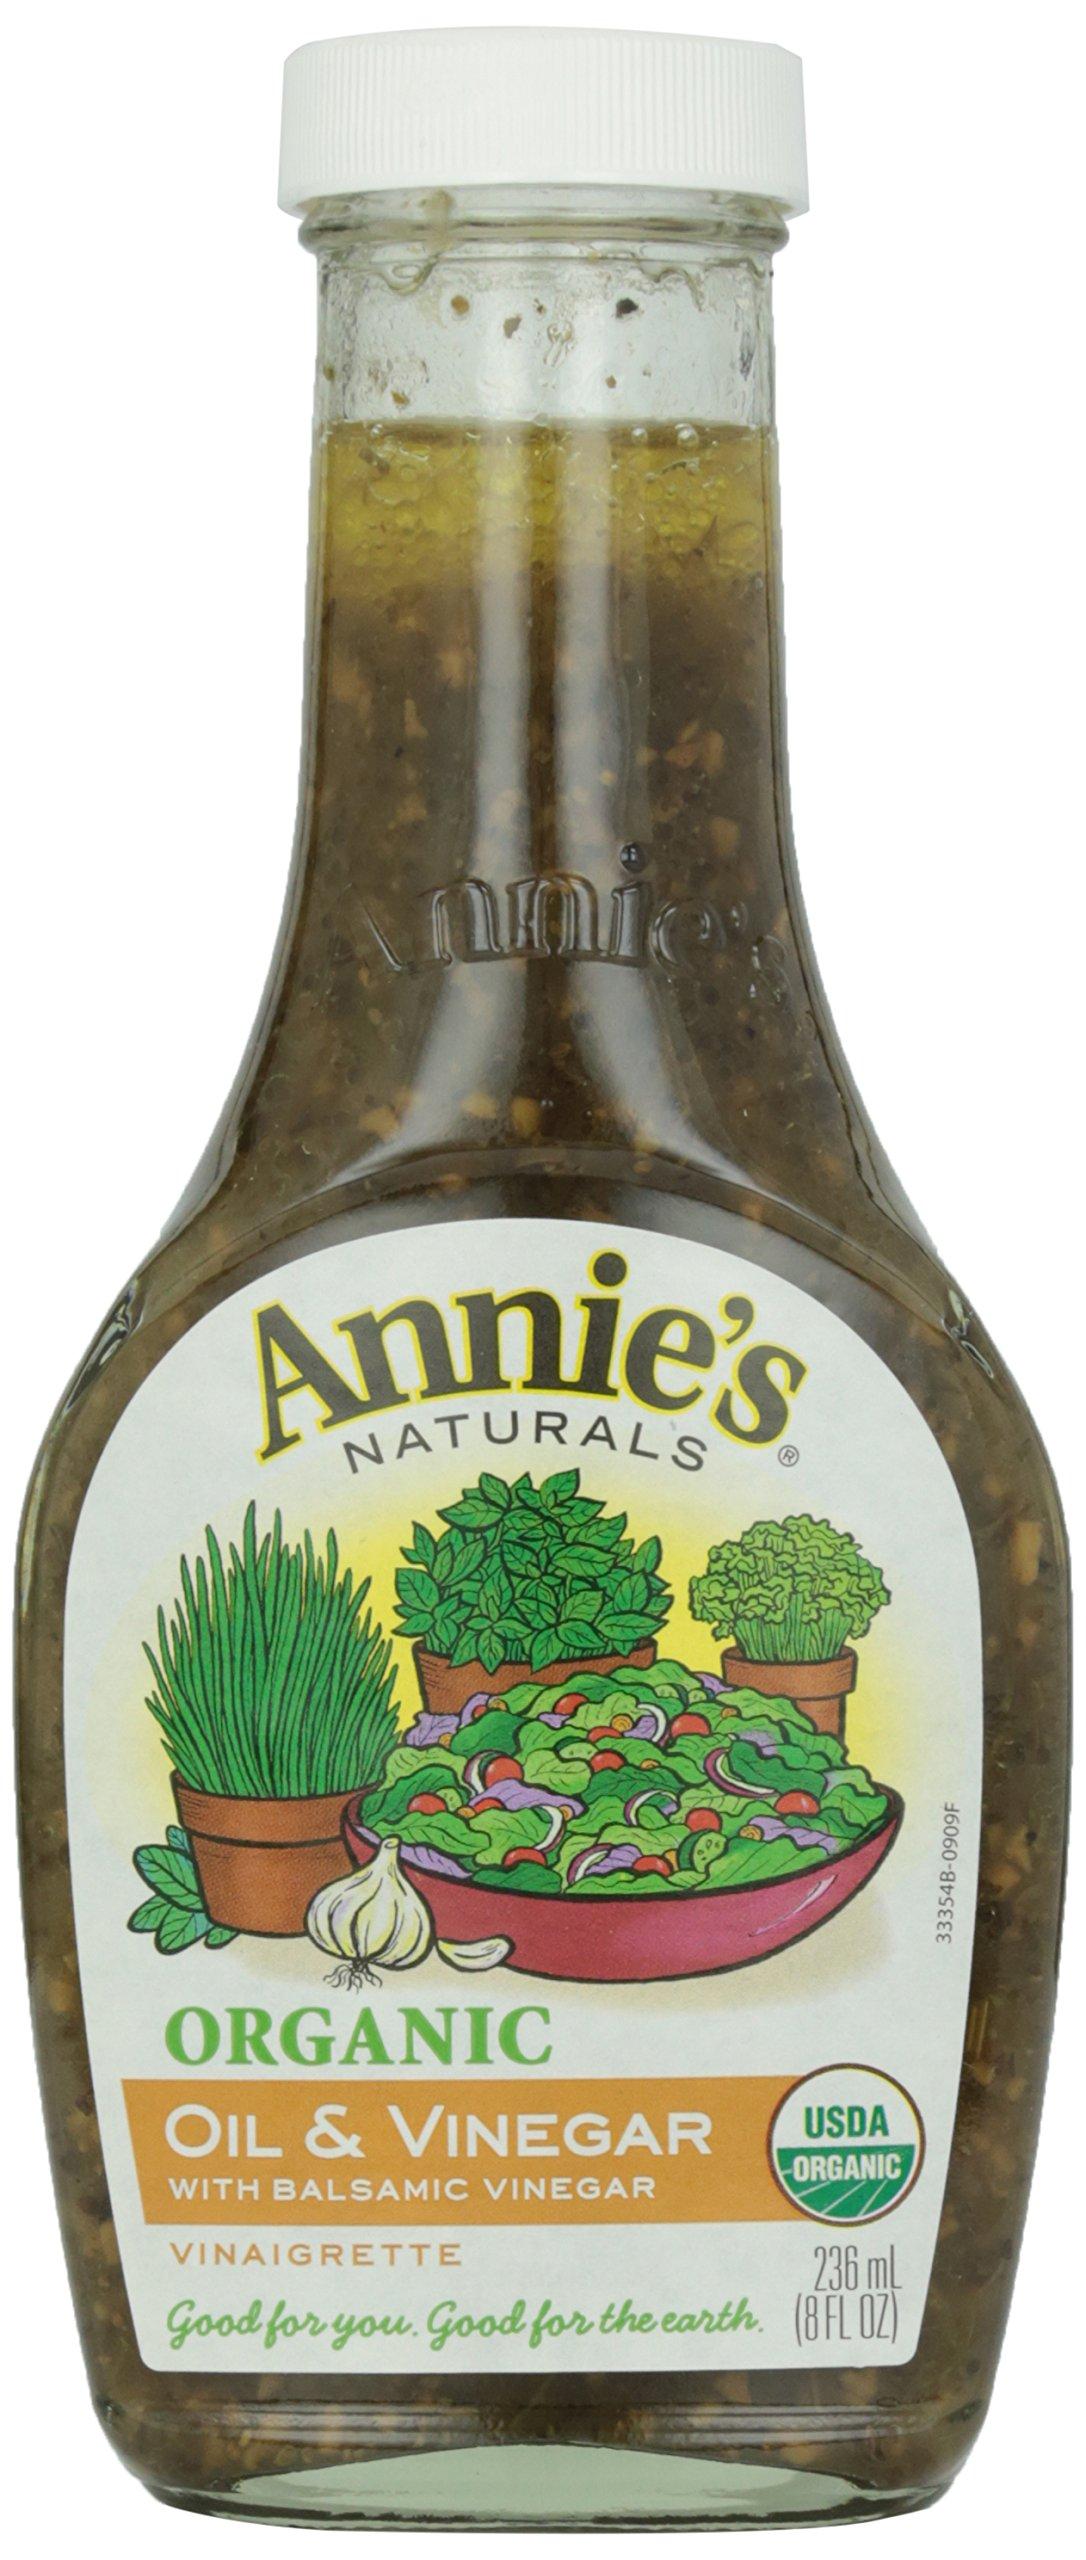 Annie's Naturals Organic Oil and Basil Vinaigrette, 8 oz